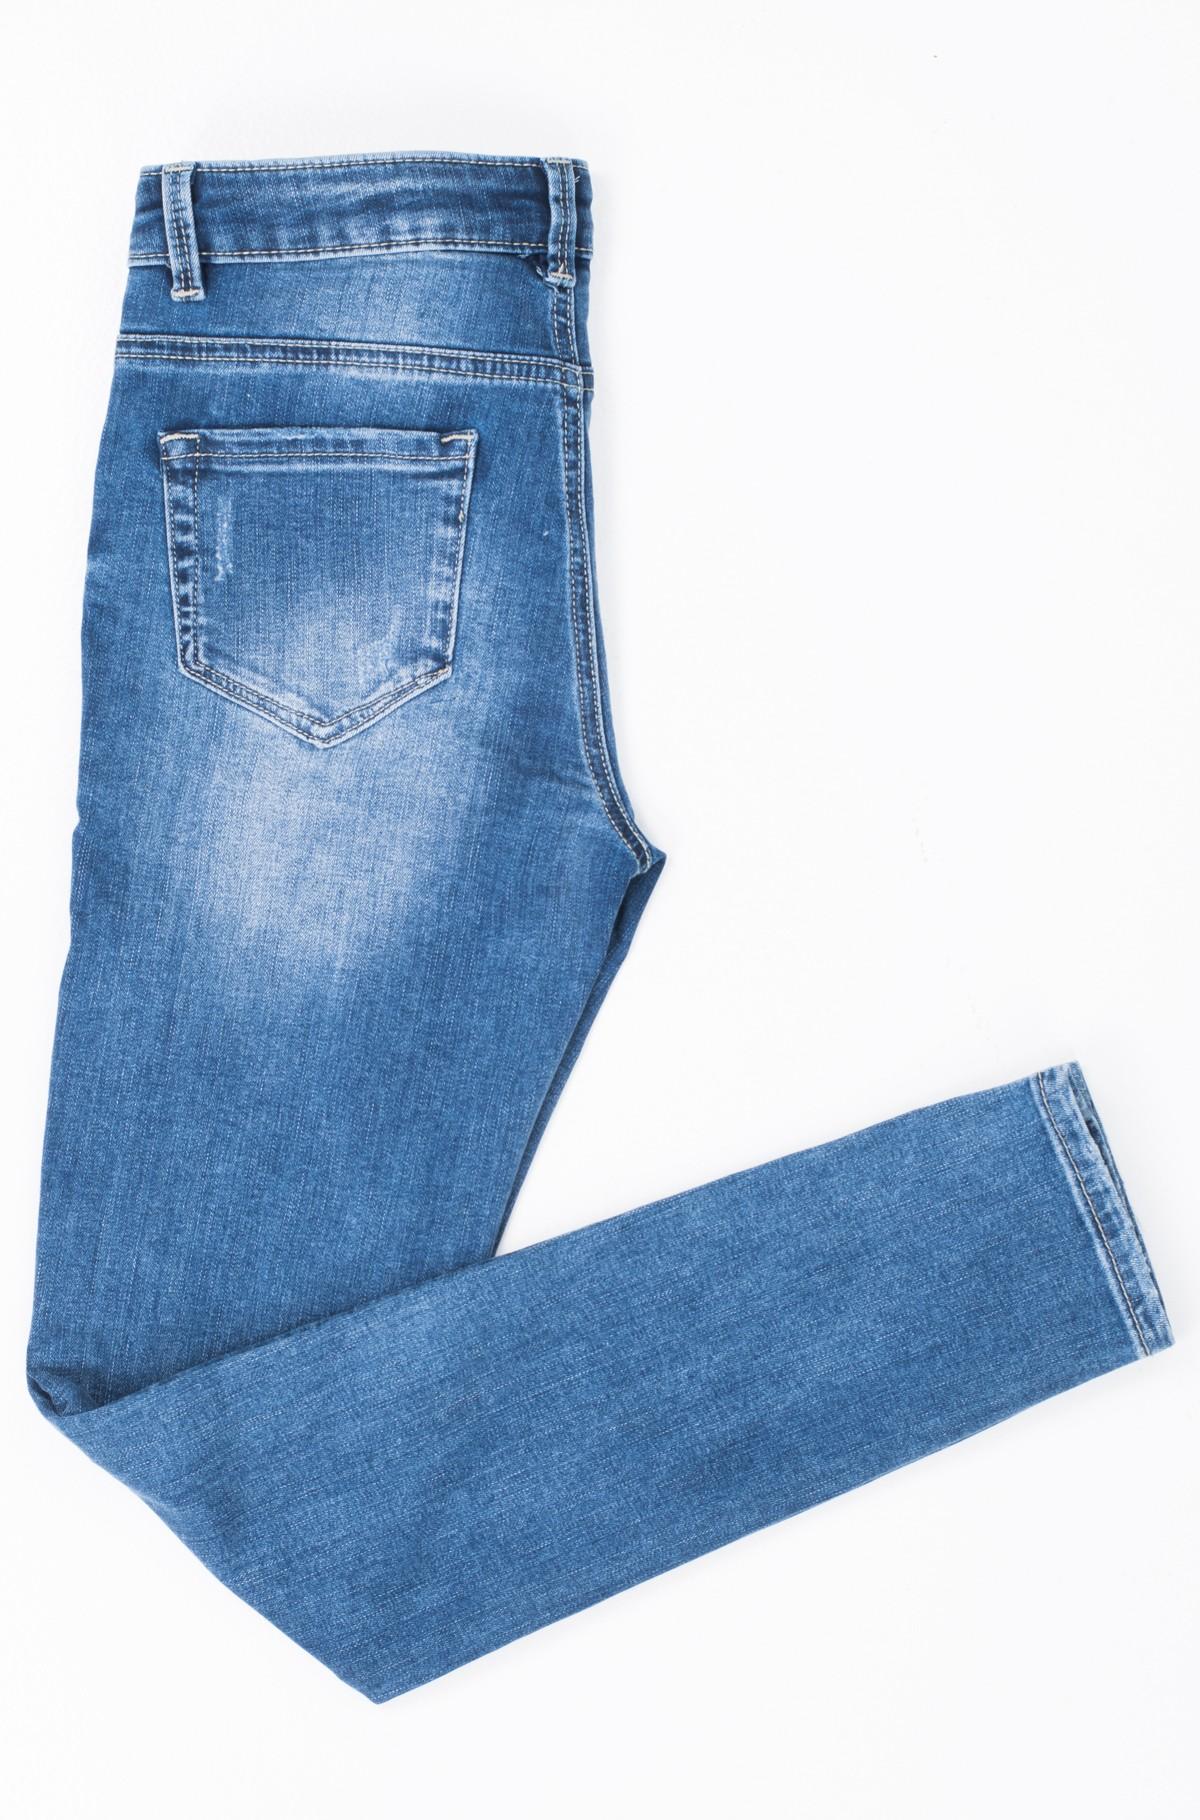 Kids jeans J92A00 D3G30-full-2